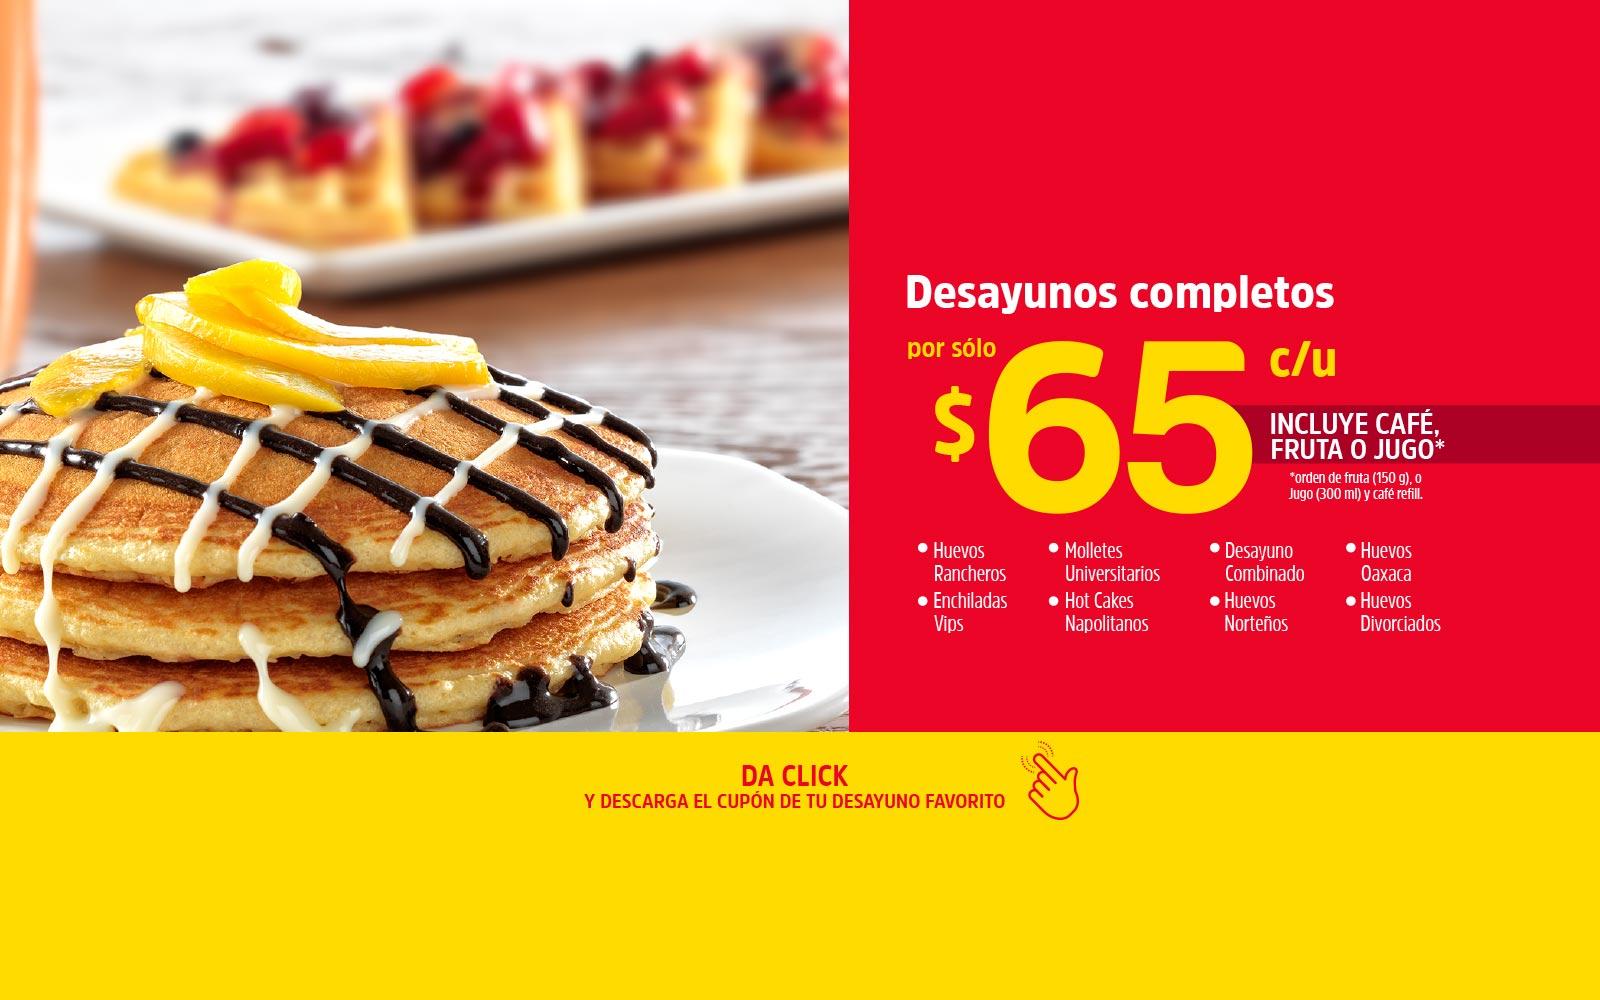 VIPS: Desayunos completos por sólo $65 pesitos c/u Incluye café refill Y jugo o fruta de 07:00 a 13:00hrs con cupón